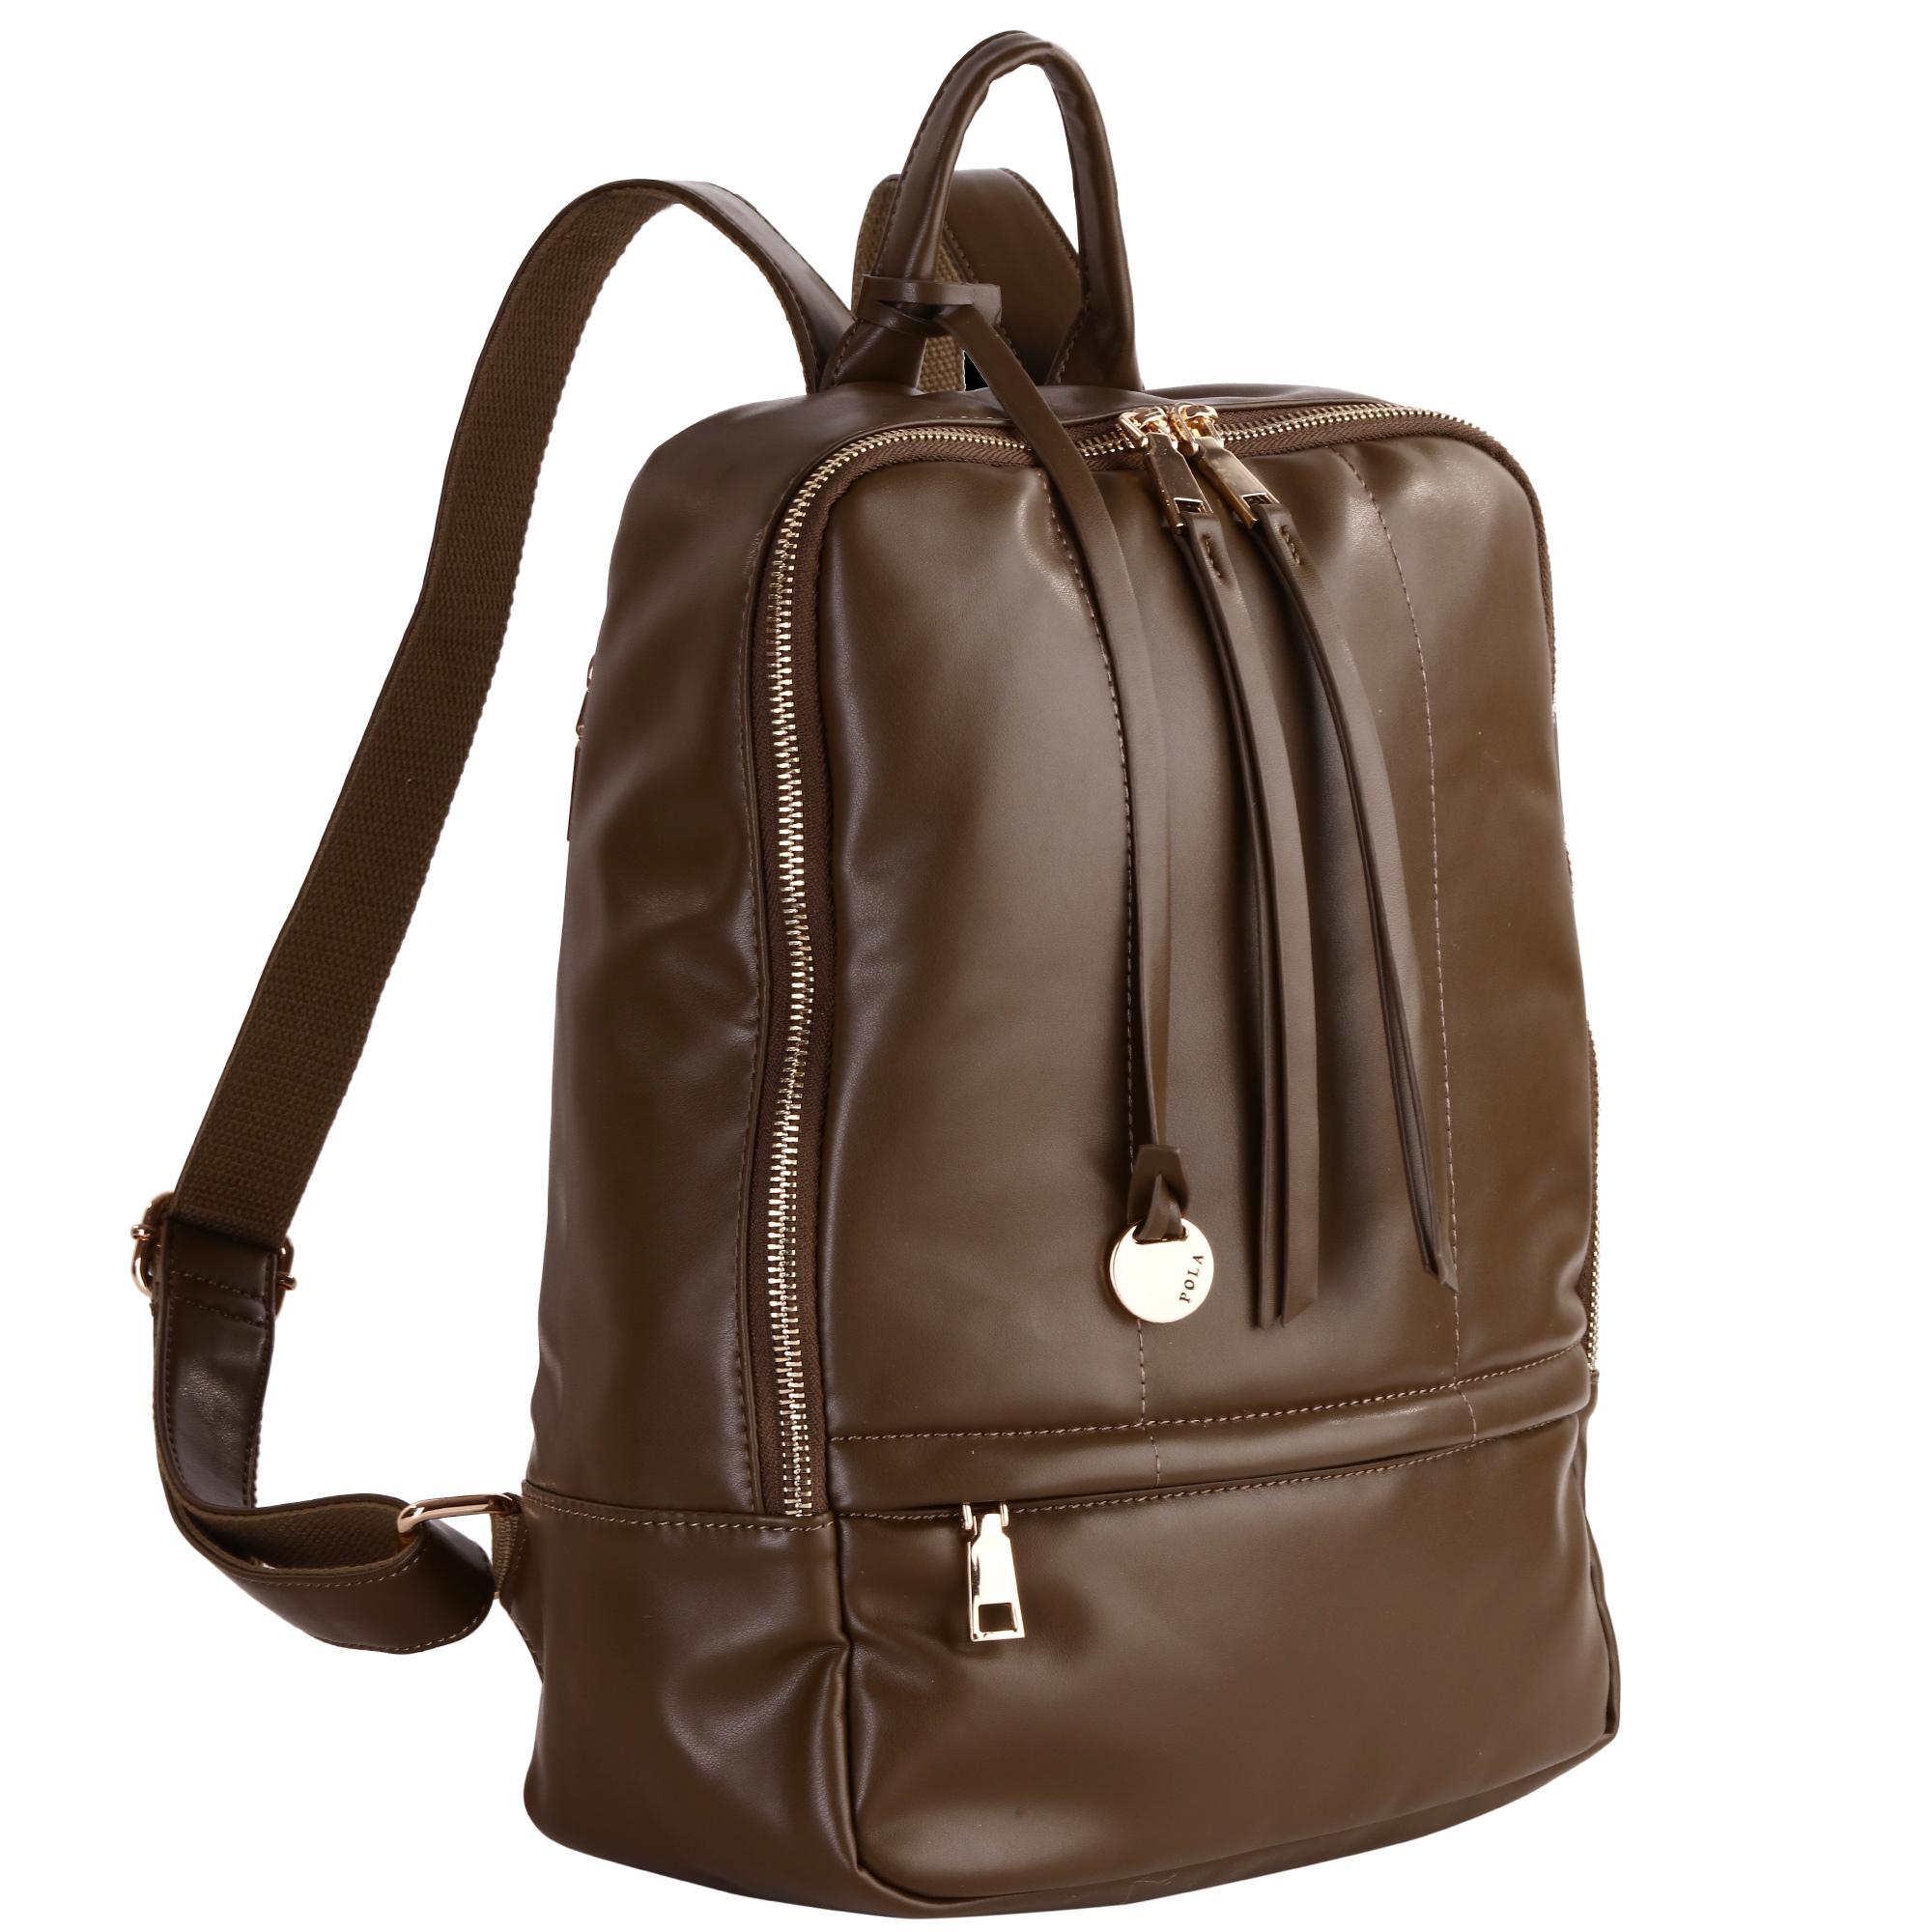 Рюкзак женский Pola, цвет: хаки. 44124412Стильный женский рюкзак Pola - очень практичен в повседневном использовании. Основное отделение закрывается на металлическую молнию. Внутри - два кармана на молнии и два открытых кармашка. Снаружи – карман на молнии сзади и спереди рюкзака. Лямки регулируются по длине. Эта универсальная модель идеально подойдет как для путешествий, так и для учебы или работы, а так же позволит Вам взять с собой все самое необходимое.